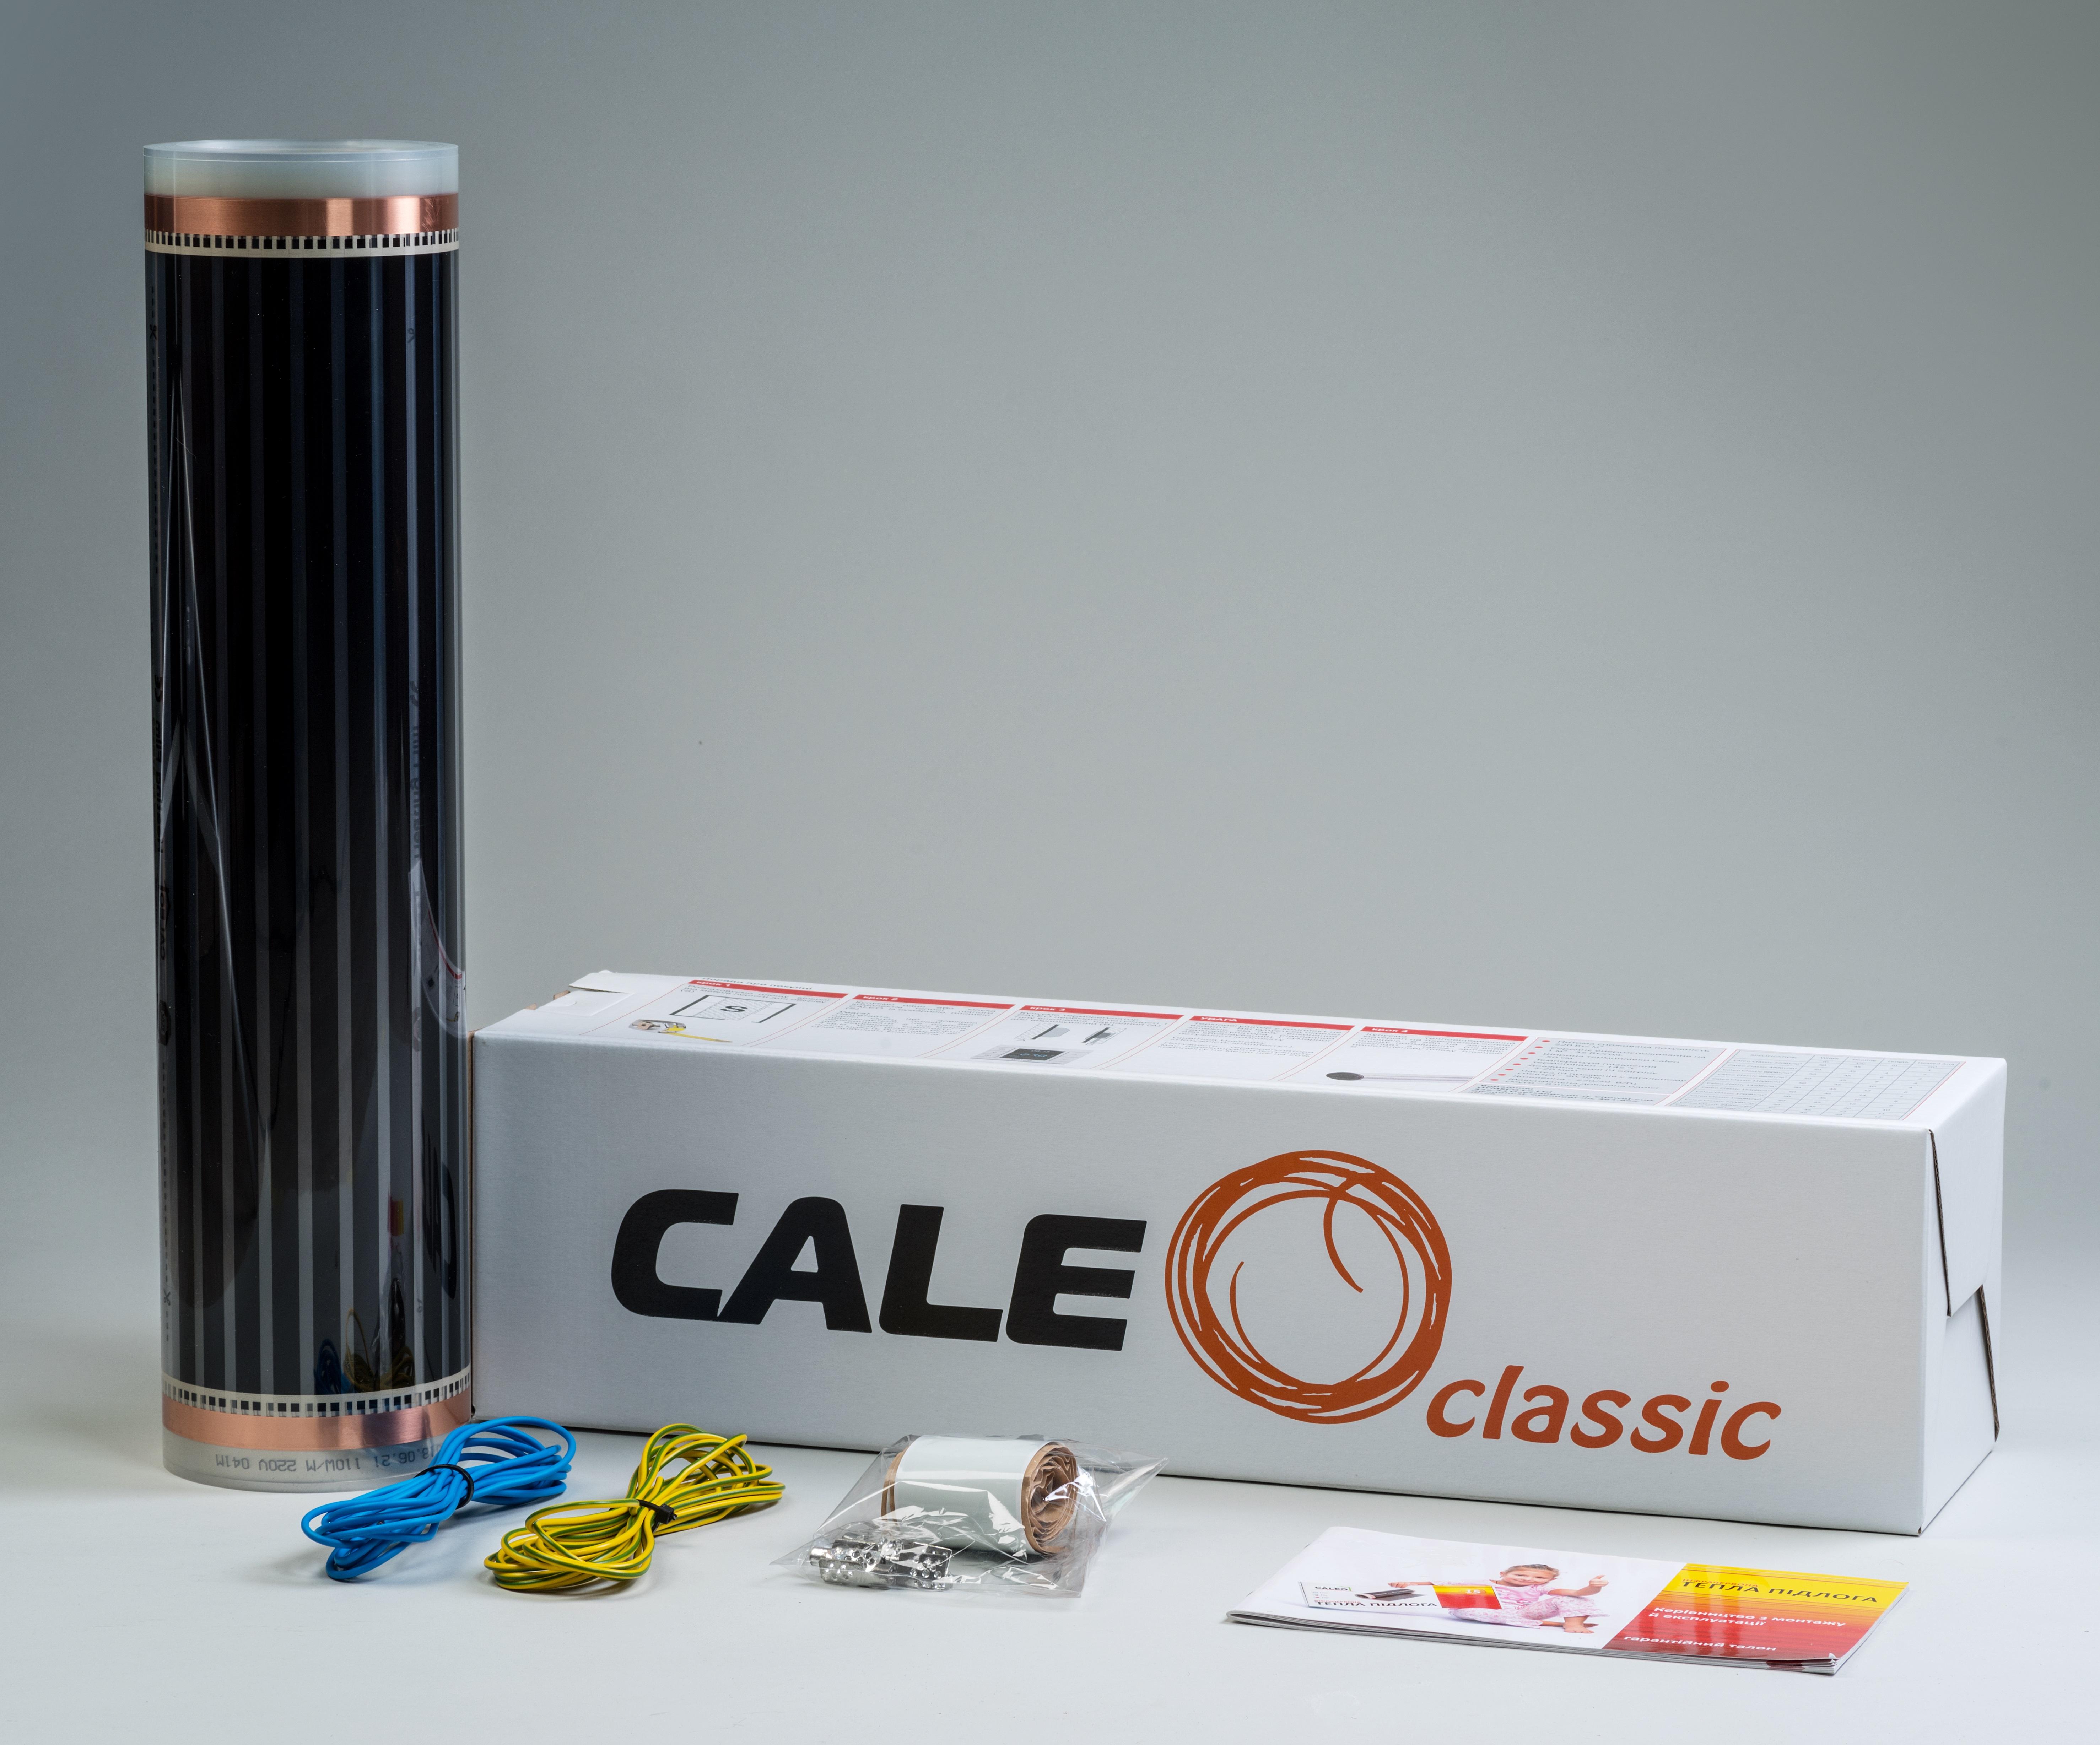 caleo (южная корея) Caleo Classic 220-0,5-3.0 (3 м2)